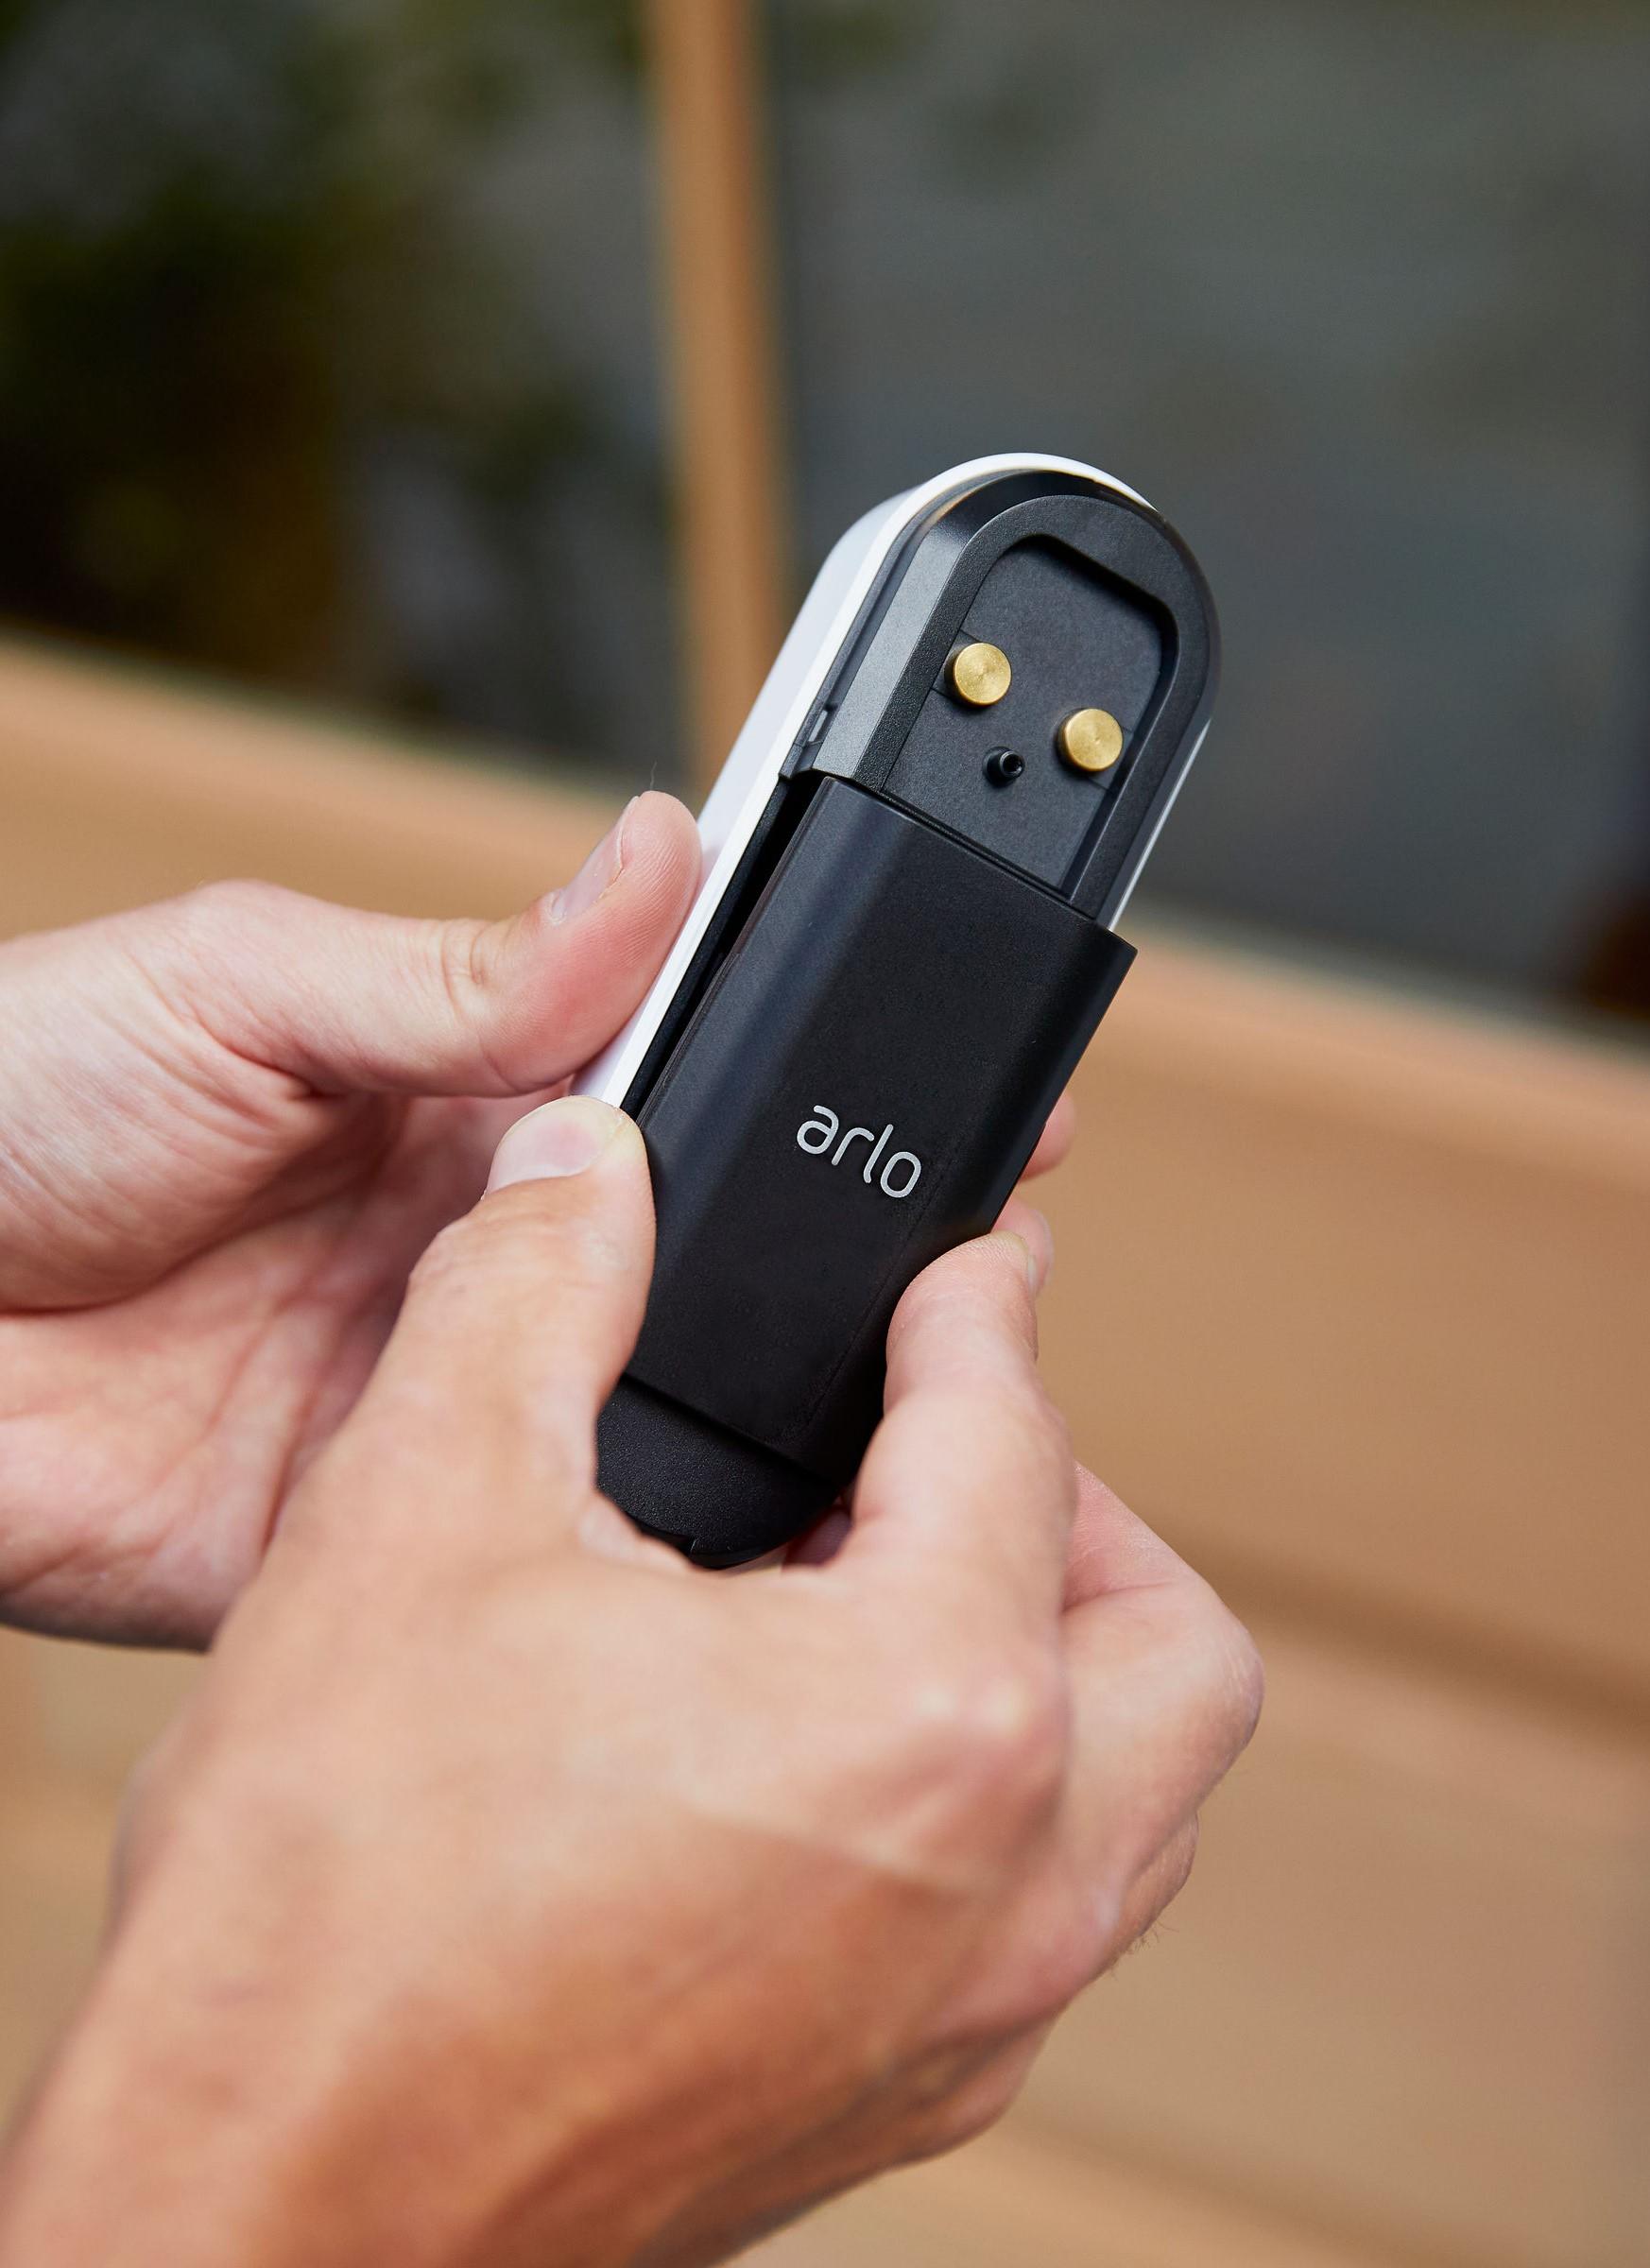 Arlo video doorbell, rear view